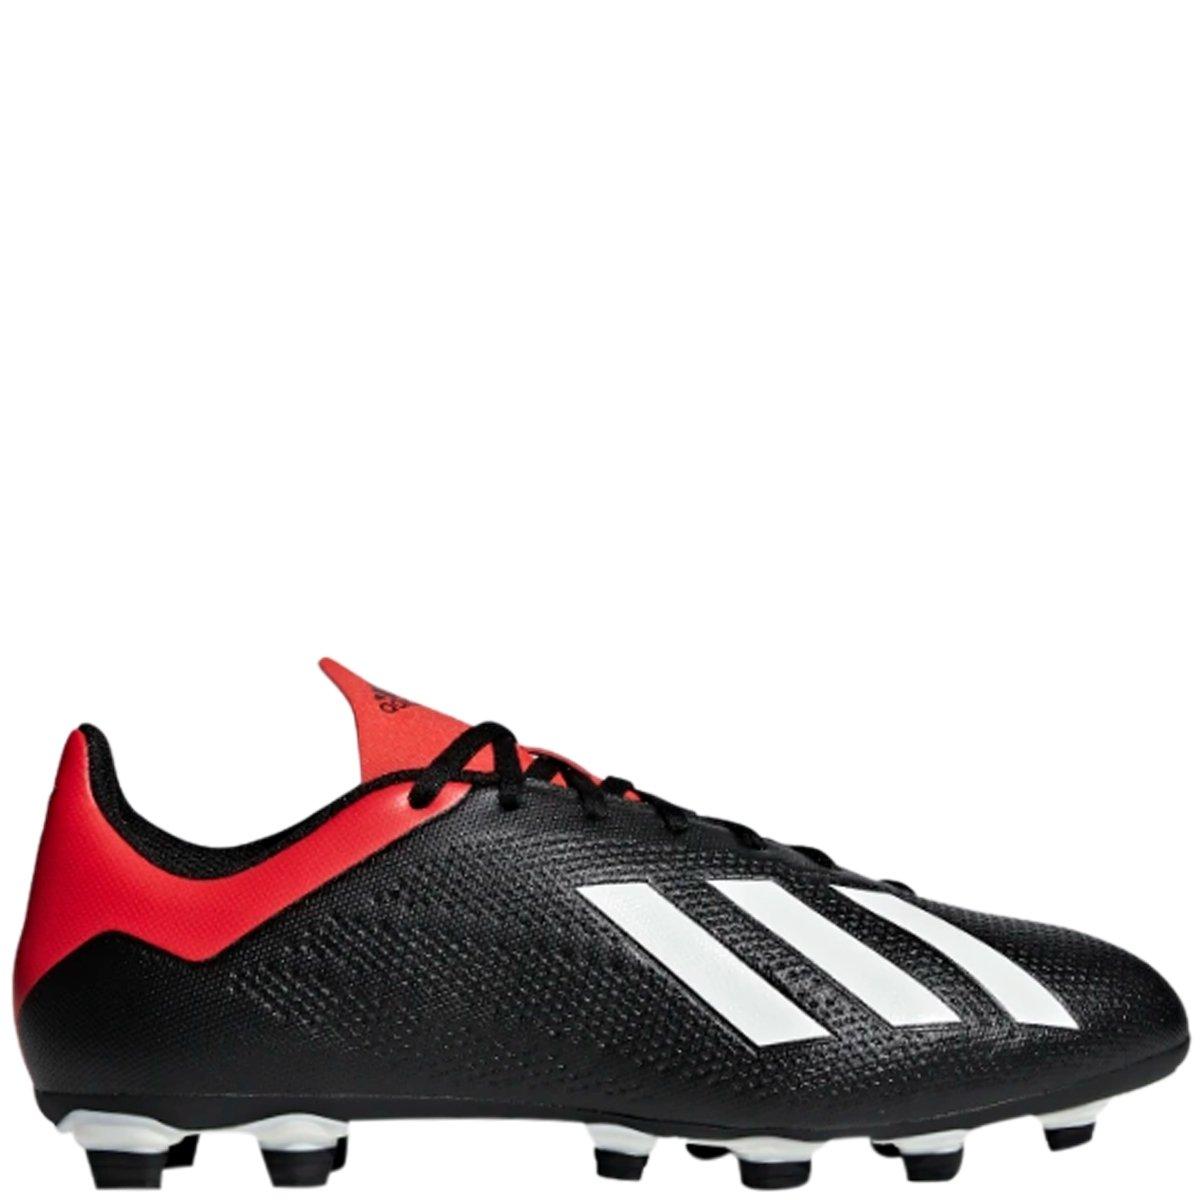 d5eb47e0f81cd Chuteira Futebol de Campo Adidas X 18.4 FG - Preto/Vermelho | Bizz Store